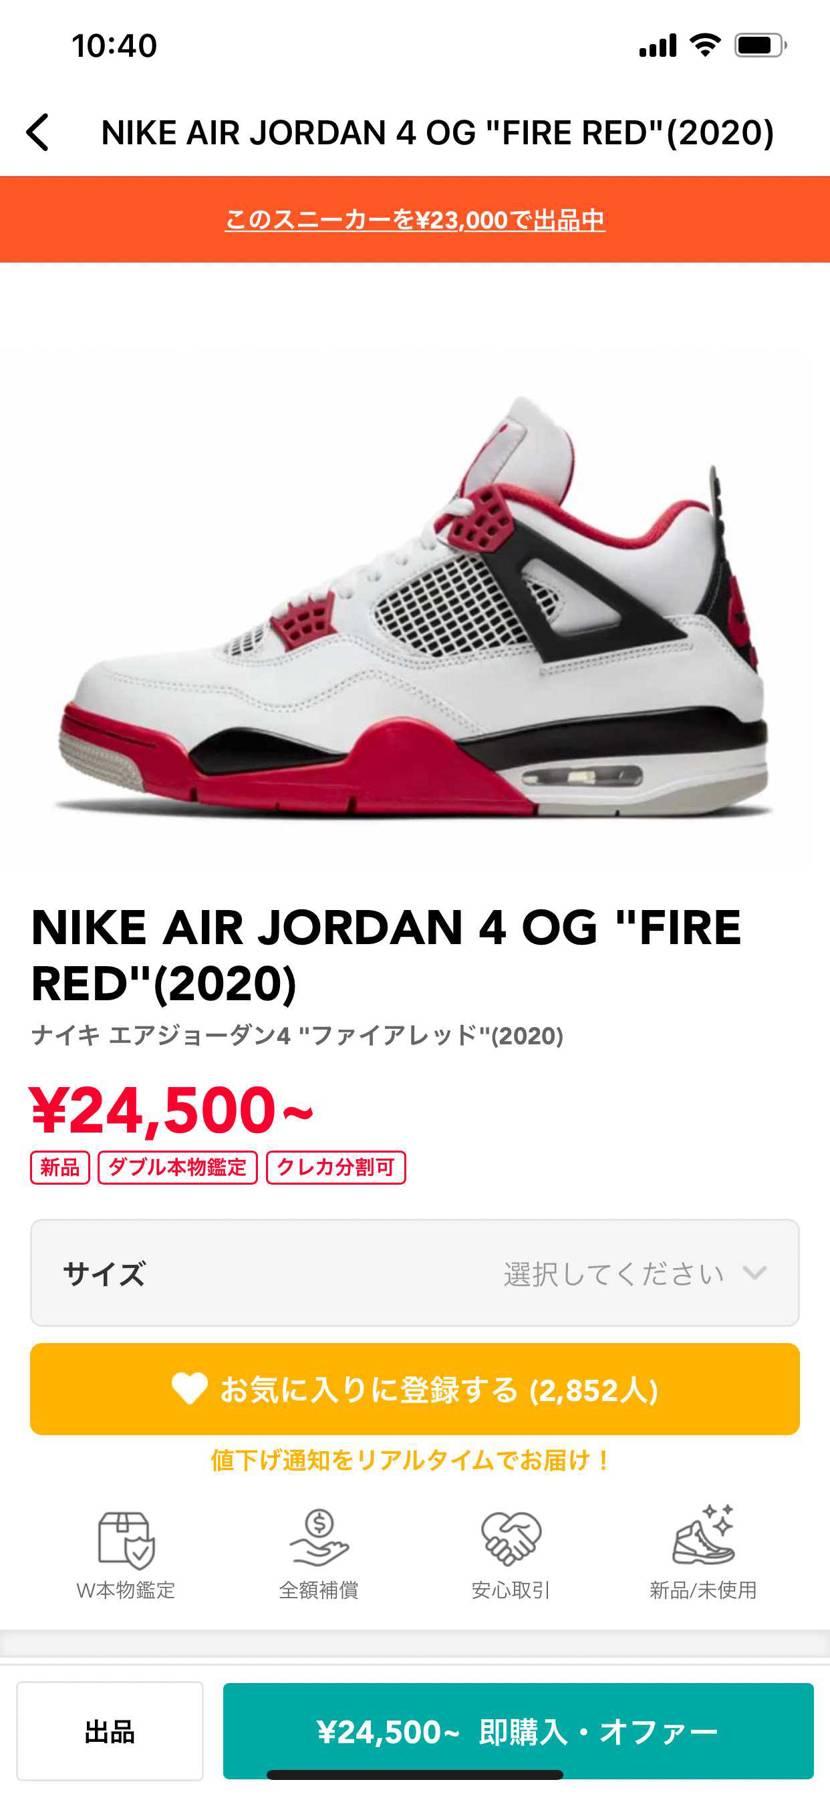 Air Jordan4 Fire Red 28cm 中古を出品させていただいて